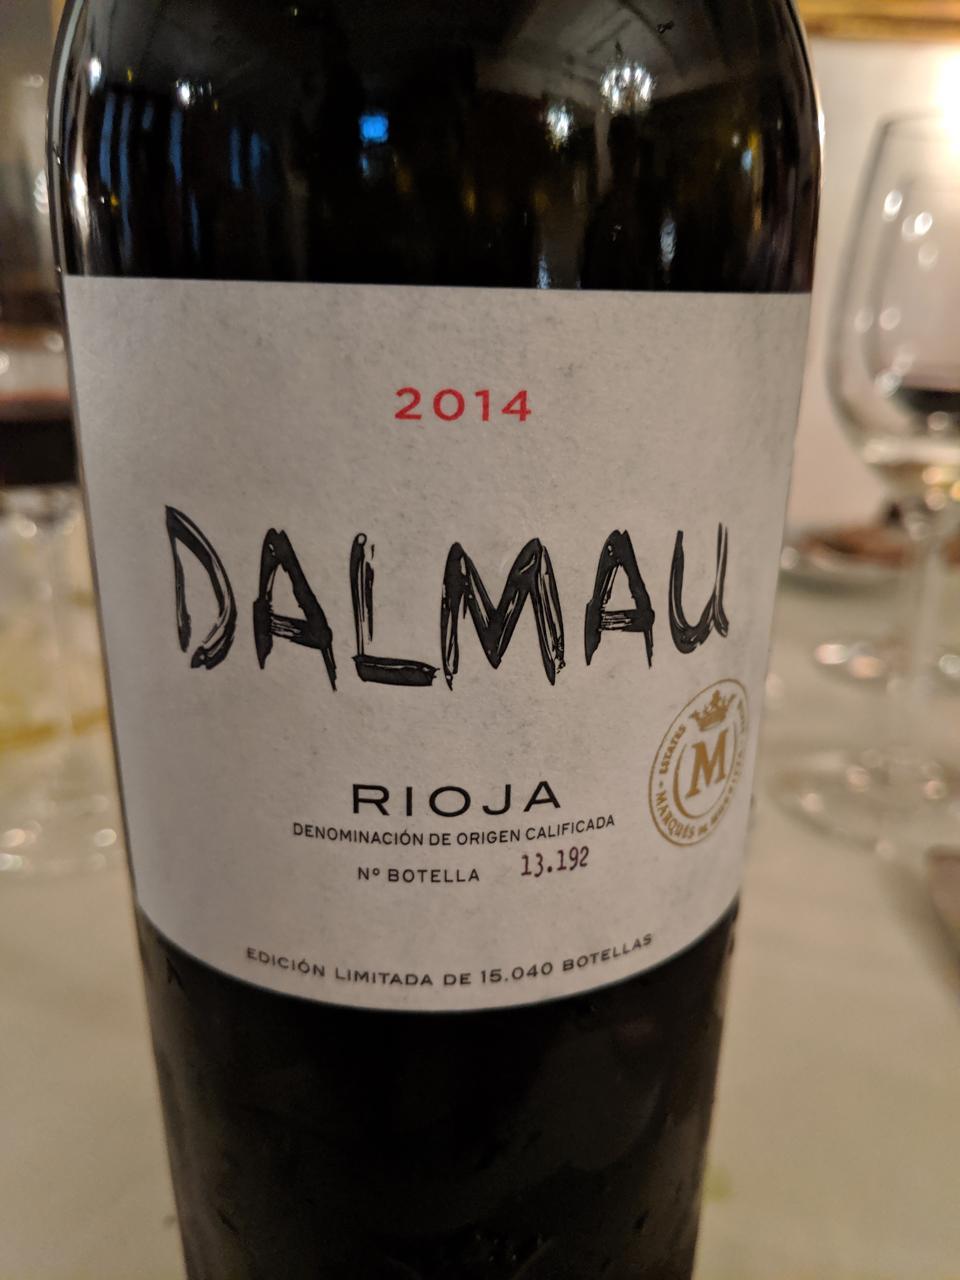 Bottle of 2014 Dalmau